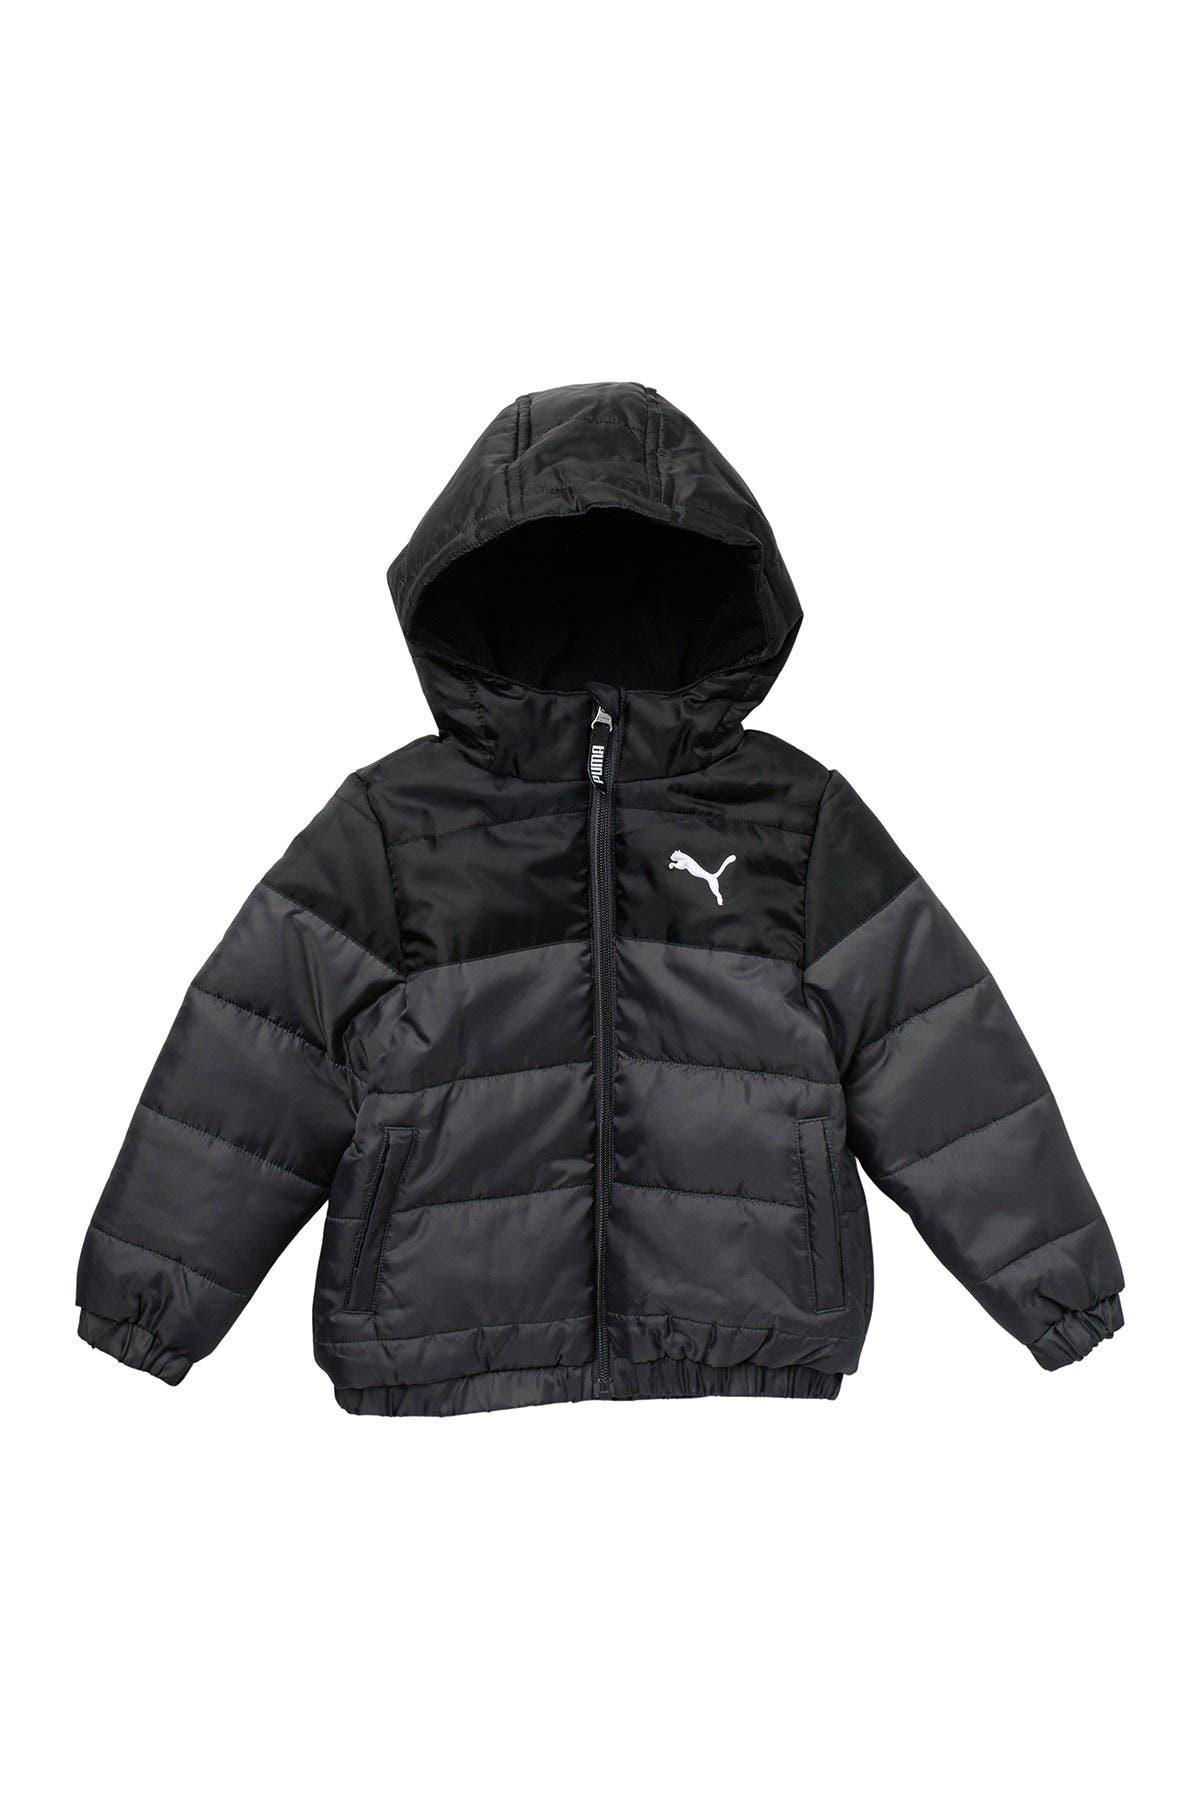 Image of PUMA Padded Jacket